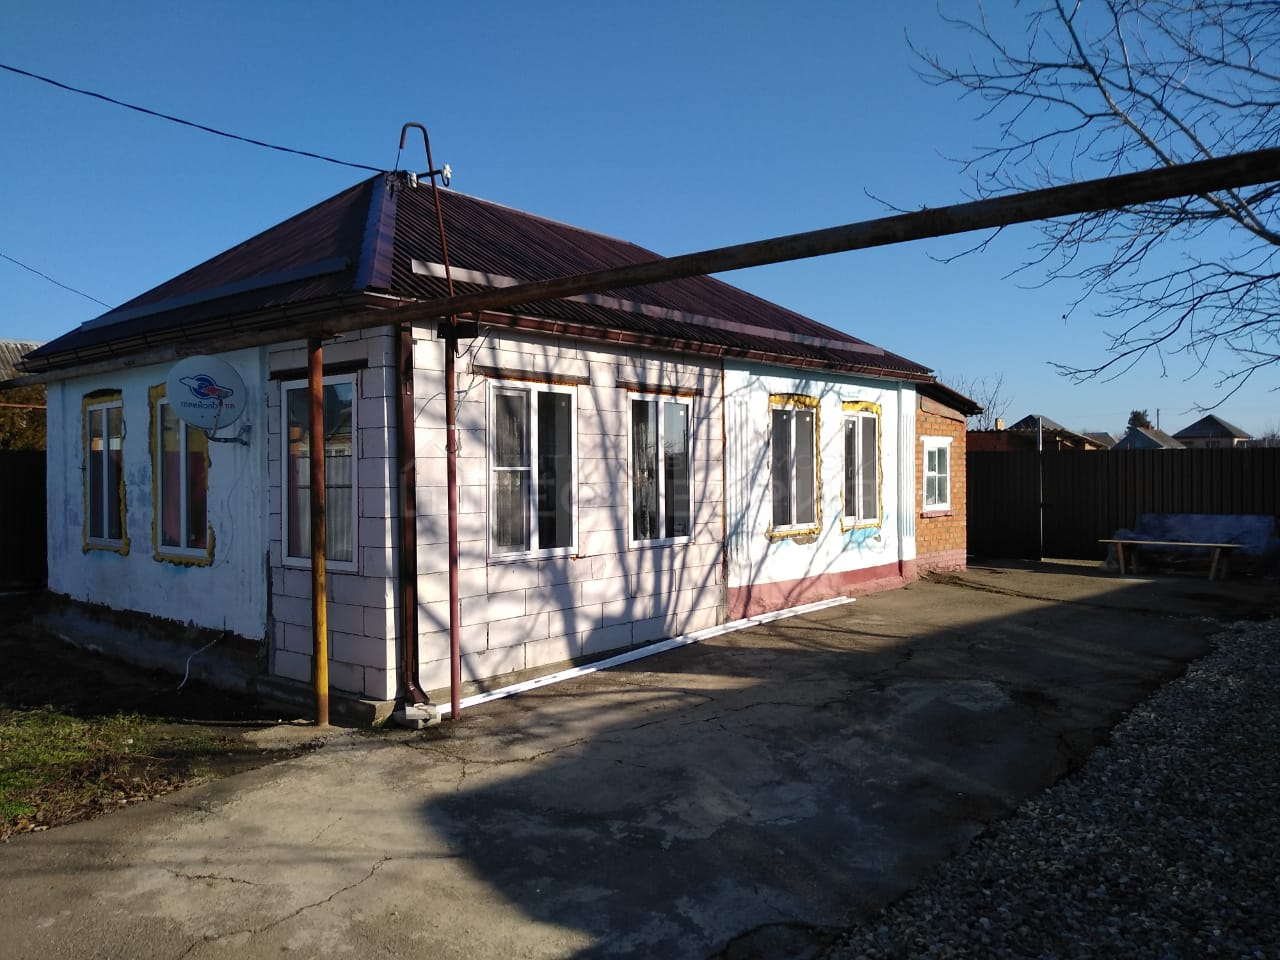 Продам дом по адресу Россия, Краснодарский край, Динской район, Новотитаровская фото 7 по выгодной цене